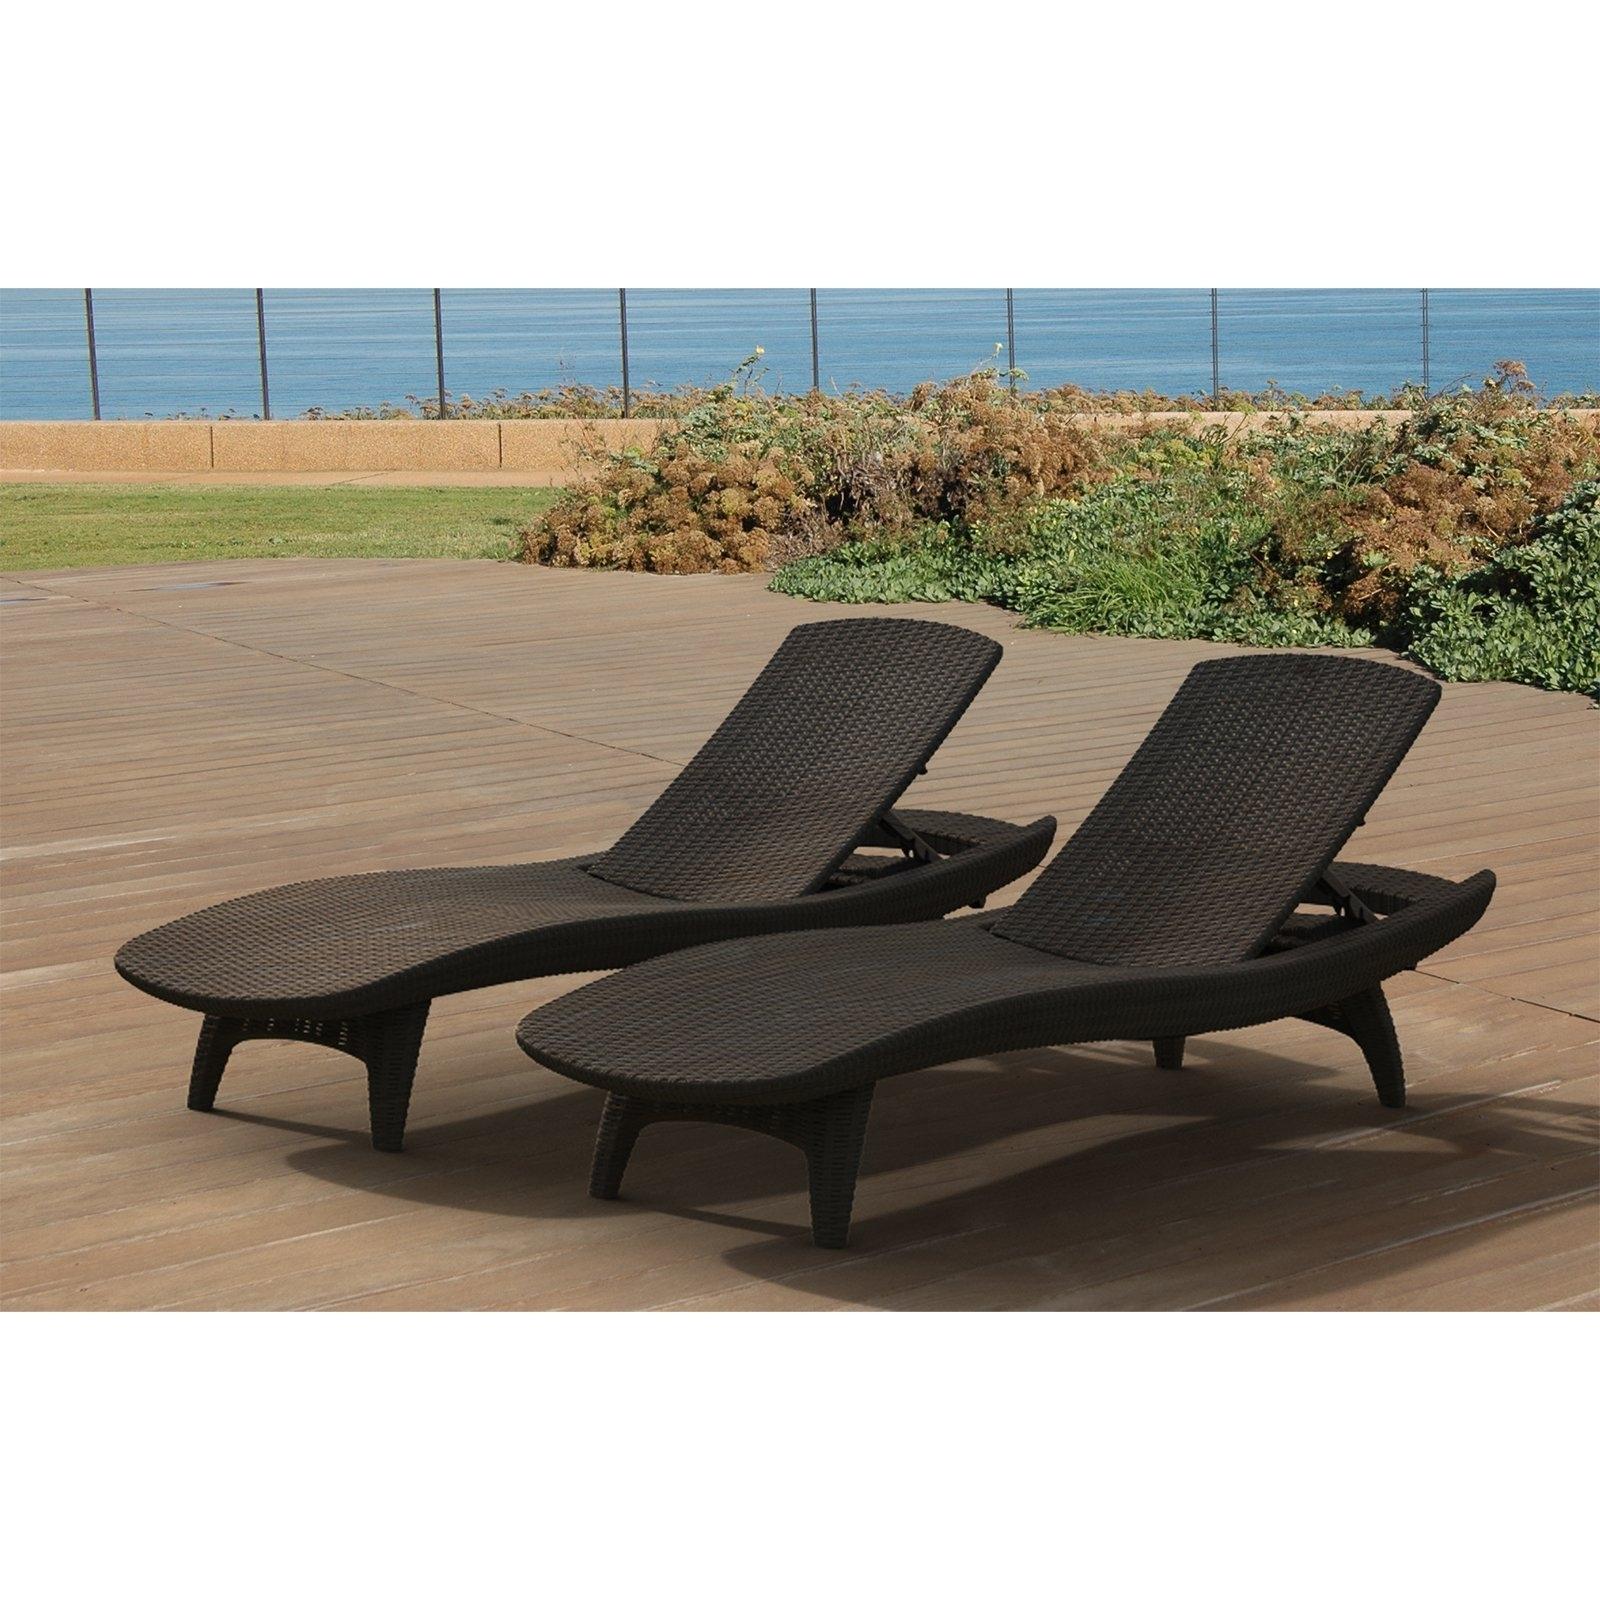 Martha Stewart Chaise Lounges Regarding Popular Chaise Lounge Chairs Patio Furniture • Lounge Chairs Ideas (View 8 of 15)